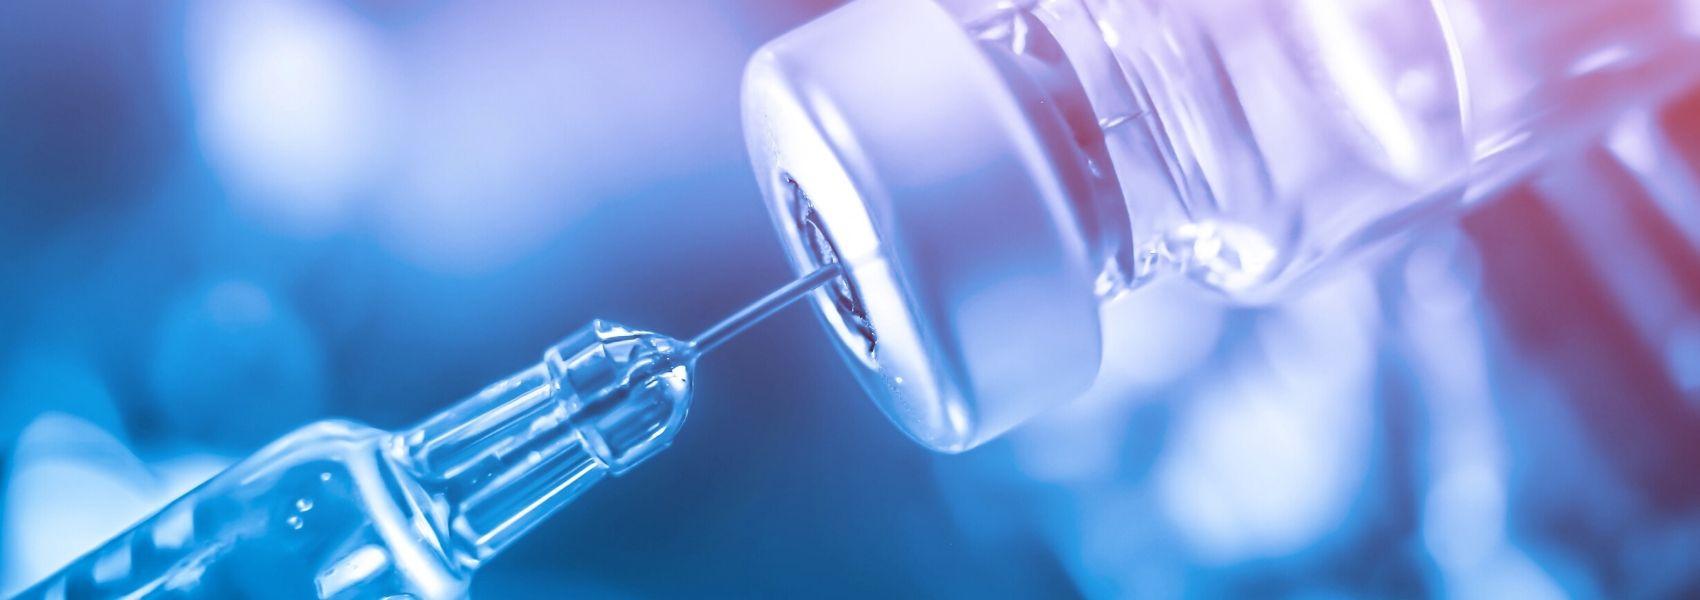 Botox e ácido hialurónico: tratamentos para rejuvenescer cada vez mais procurados